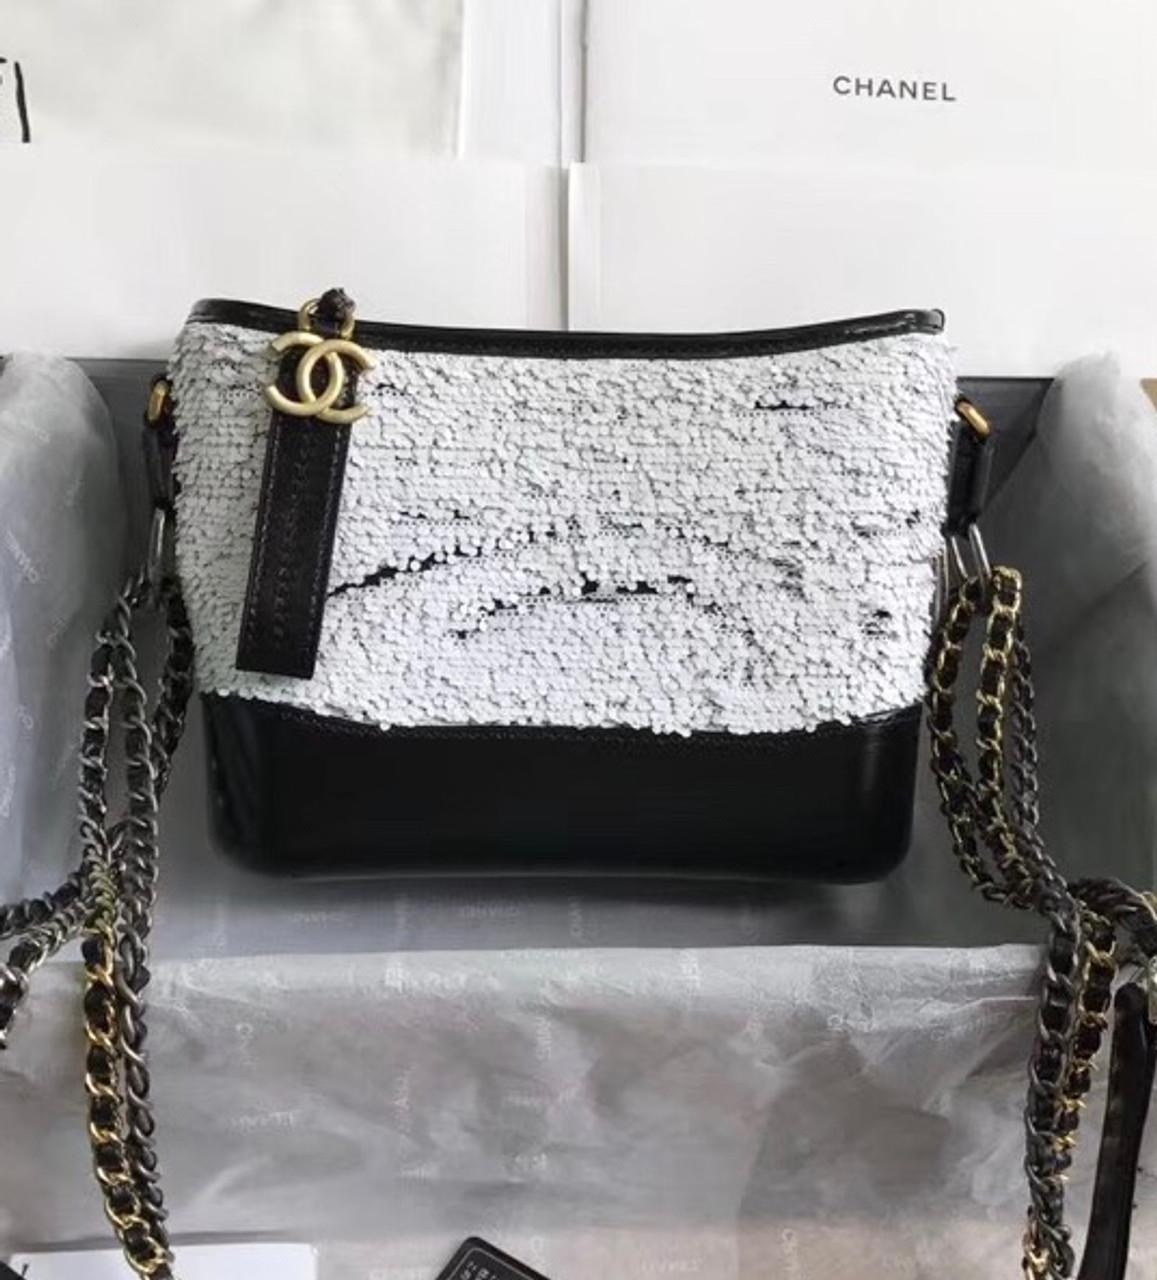 ca72fefa8f86b3 Chanel's Gabrielle Small Sequins Hobo Bag A91810 - Bella Vita Moda